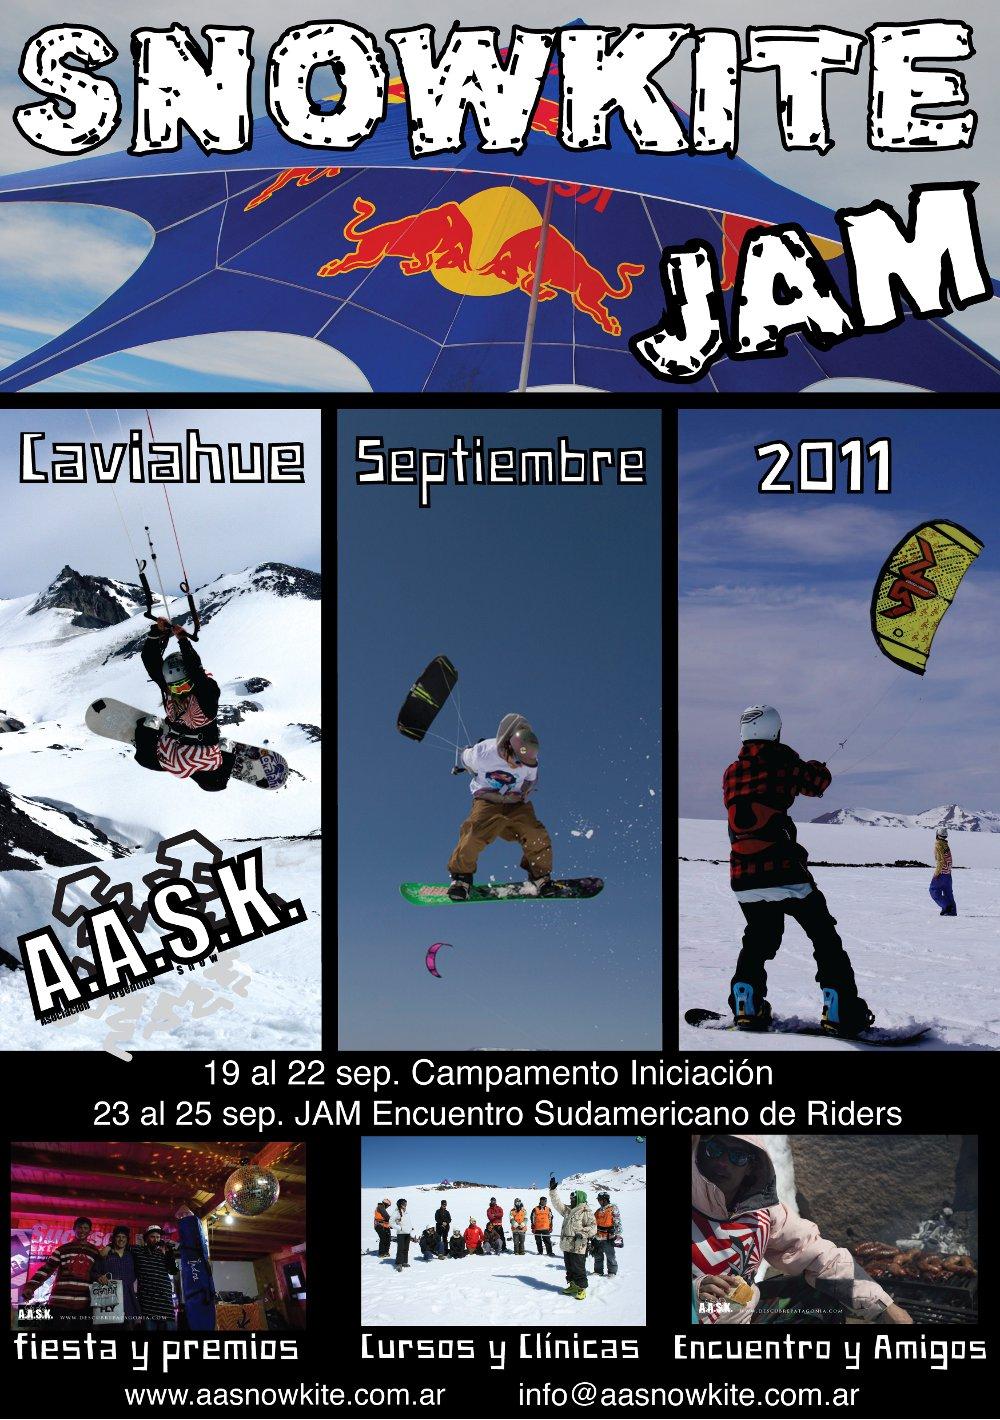 UPDATE (31-07-2011) O Snowkite Camp + Jam de Caviahue (ARG), organizado pela AASK, já virou um clássico sul-americano para todos os que gostam de kitear na neve. Primeiro e único evento deste tipo na América...